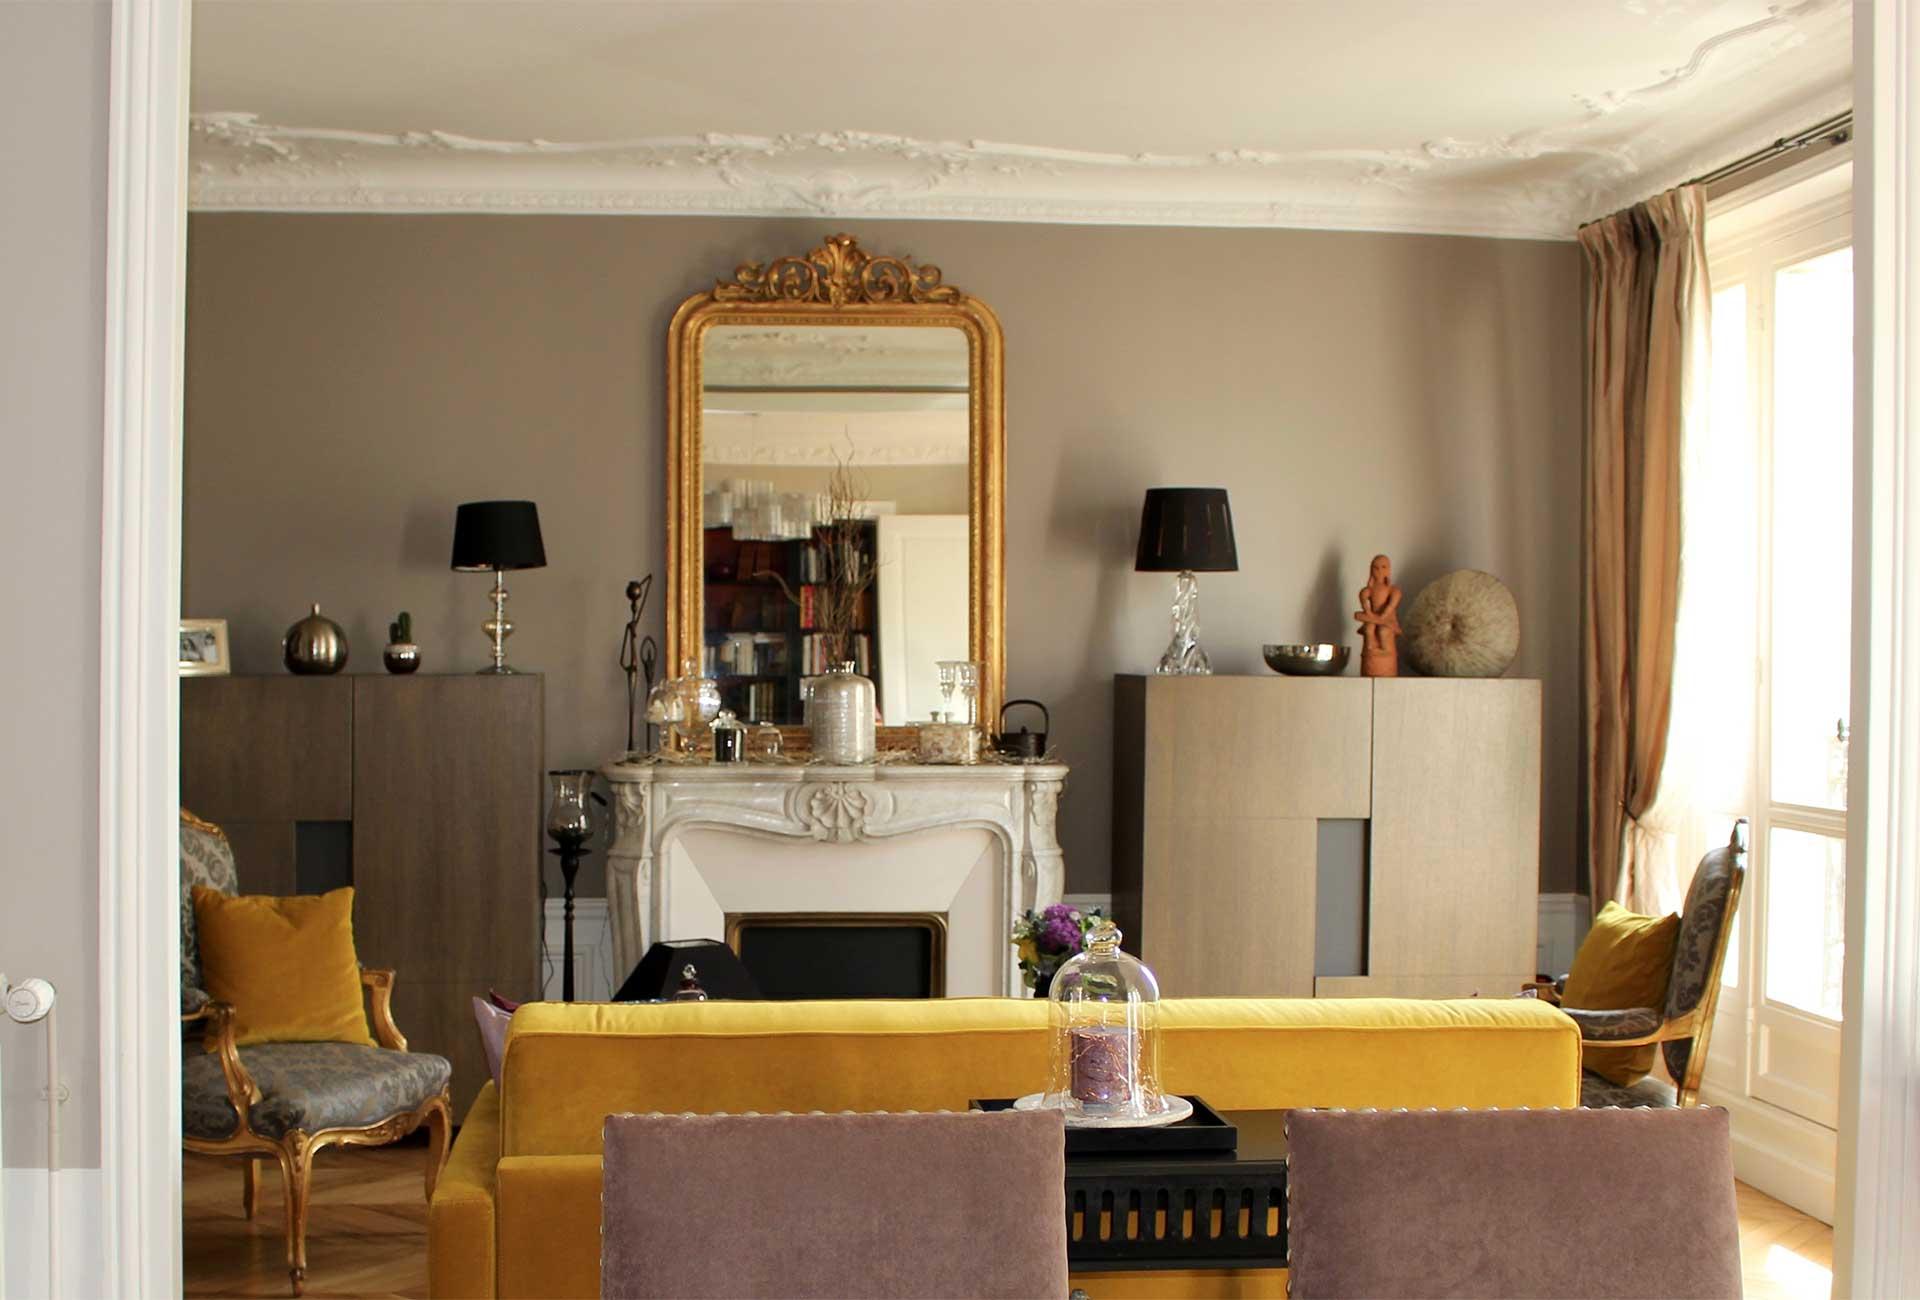 Entreprise de coordination de travaux d'intérieur à Paris 7, rénovation entière de maisons et villas.